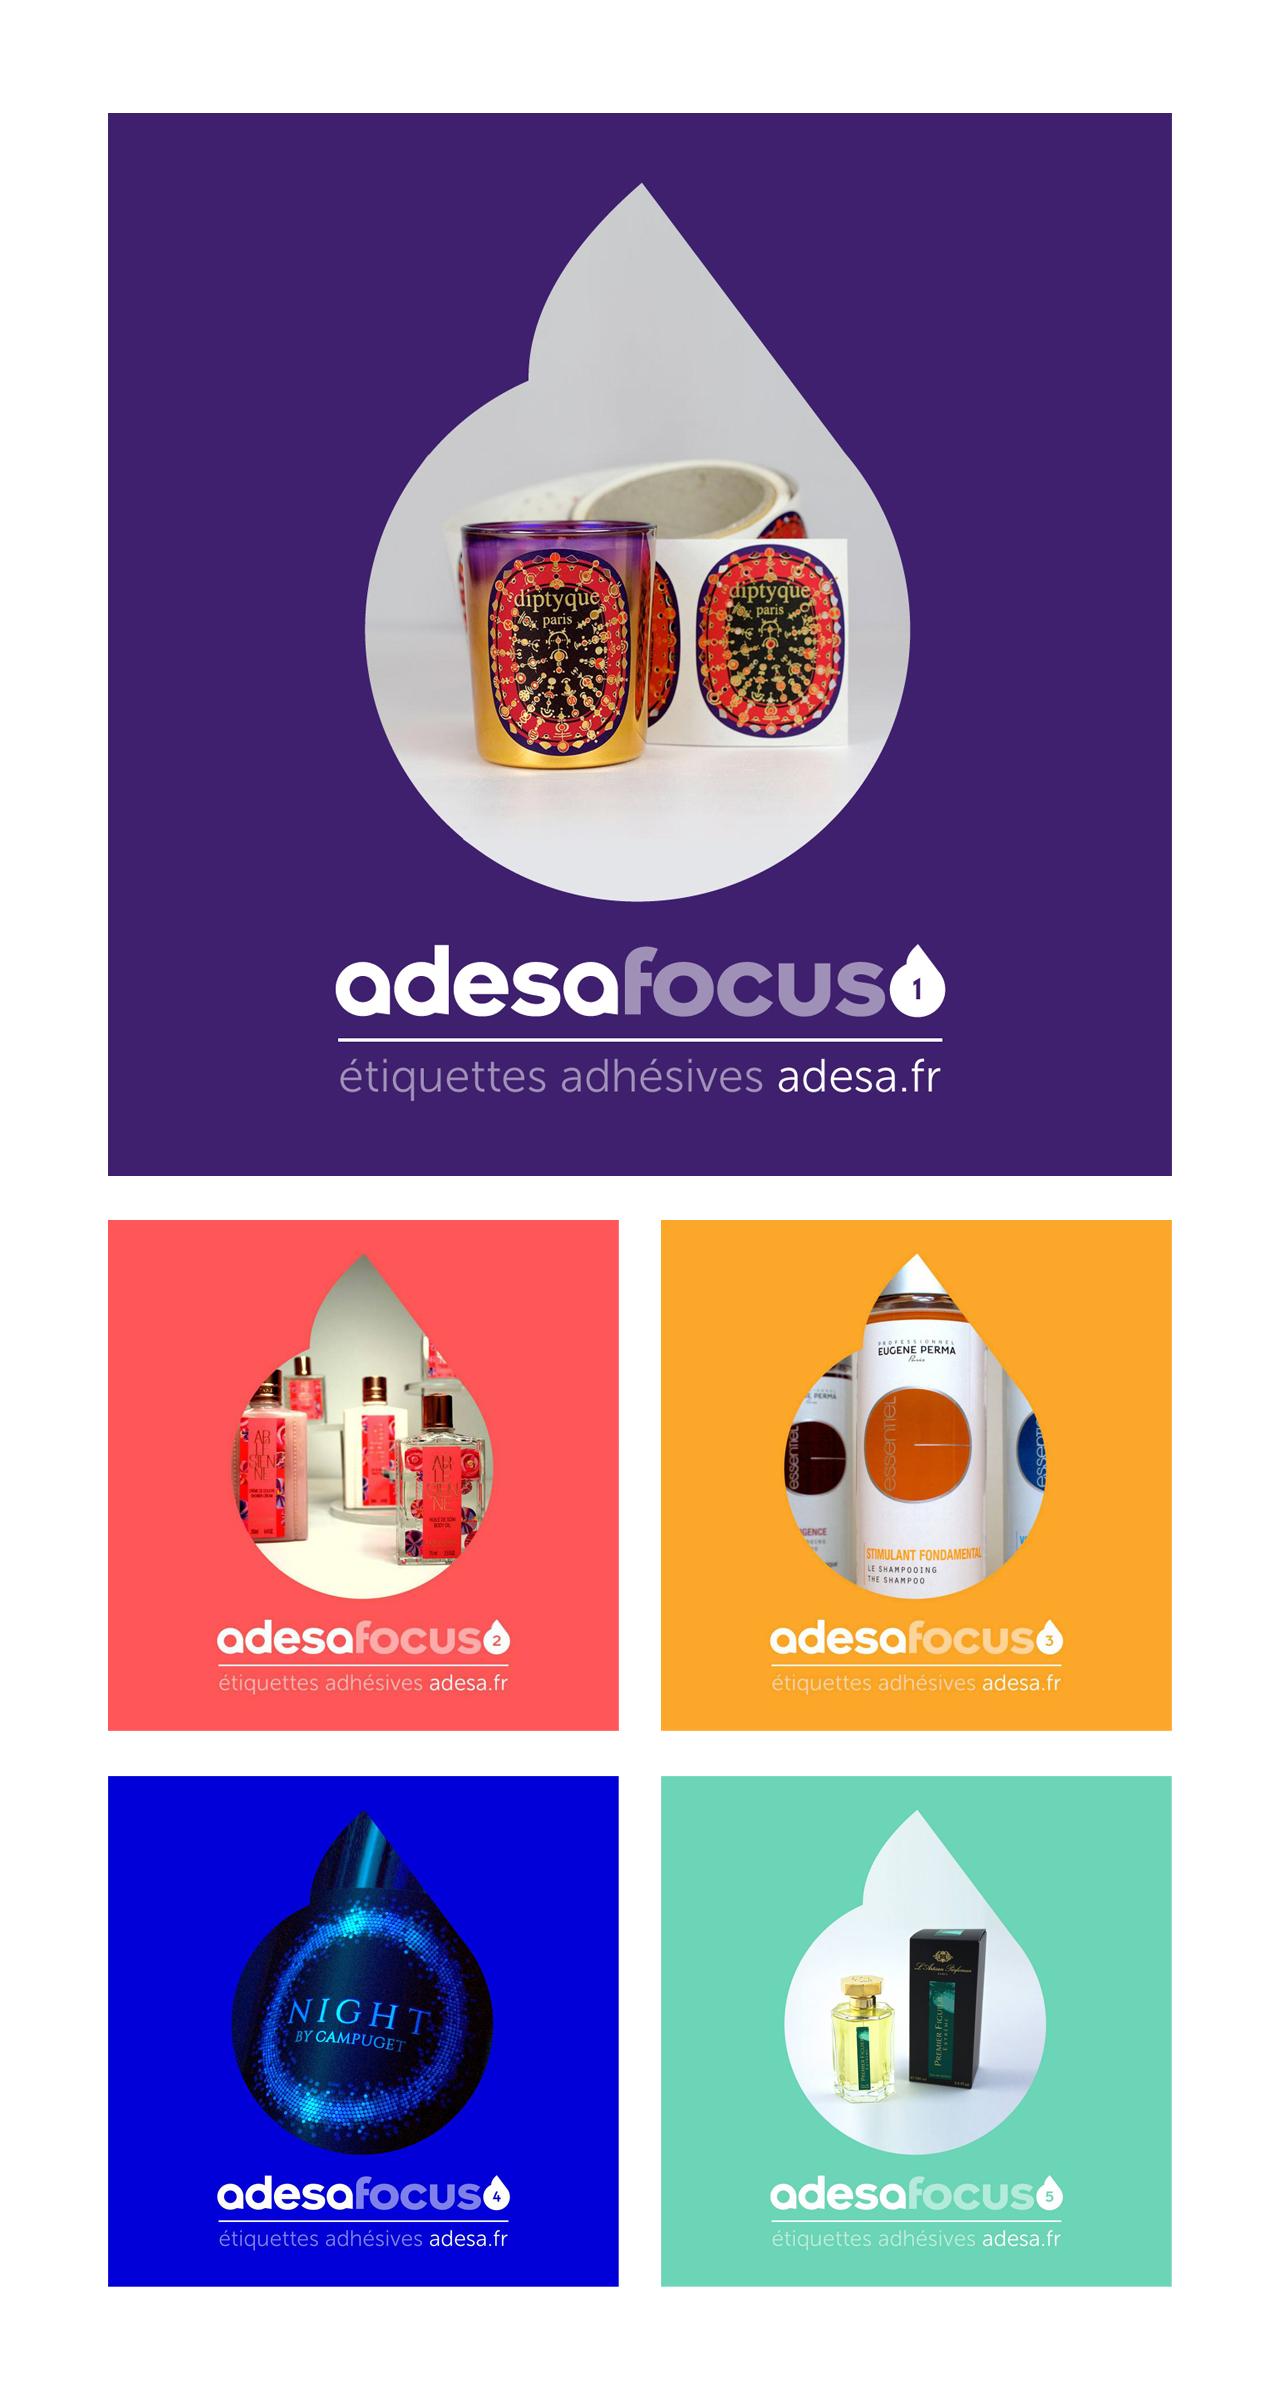 adesa-creation-design-adesafocus-publications-caconcept-alexis-cretin